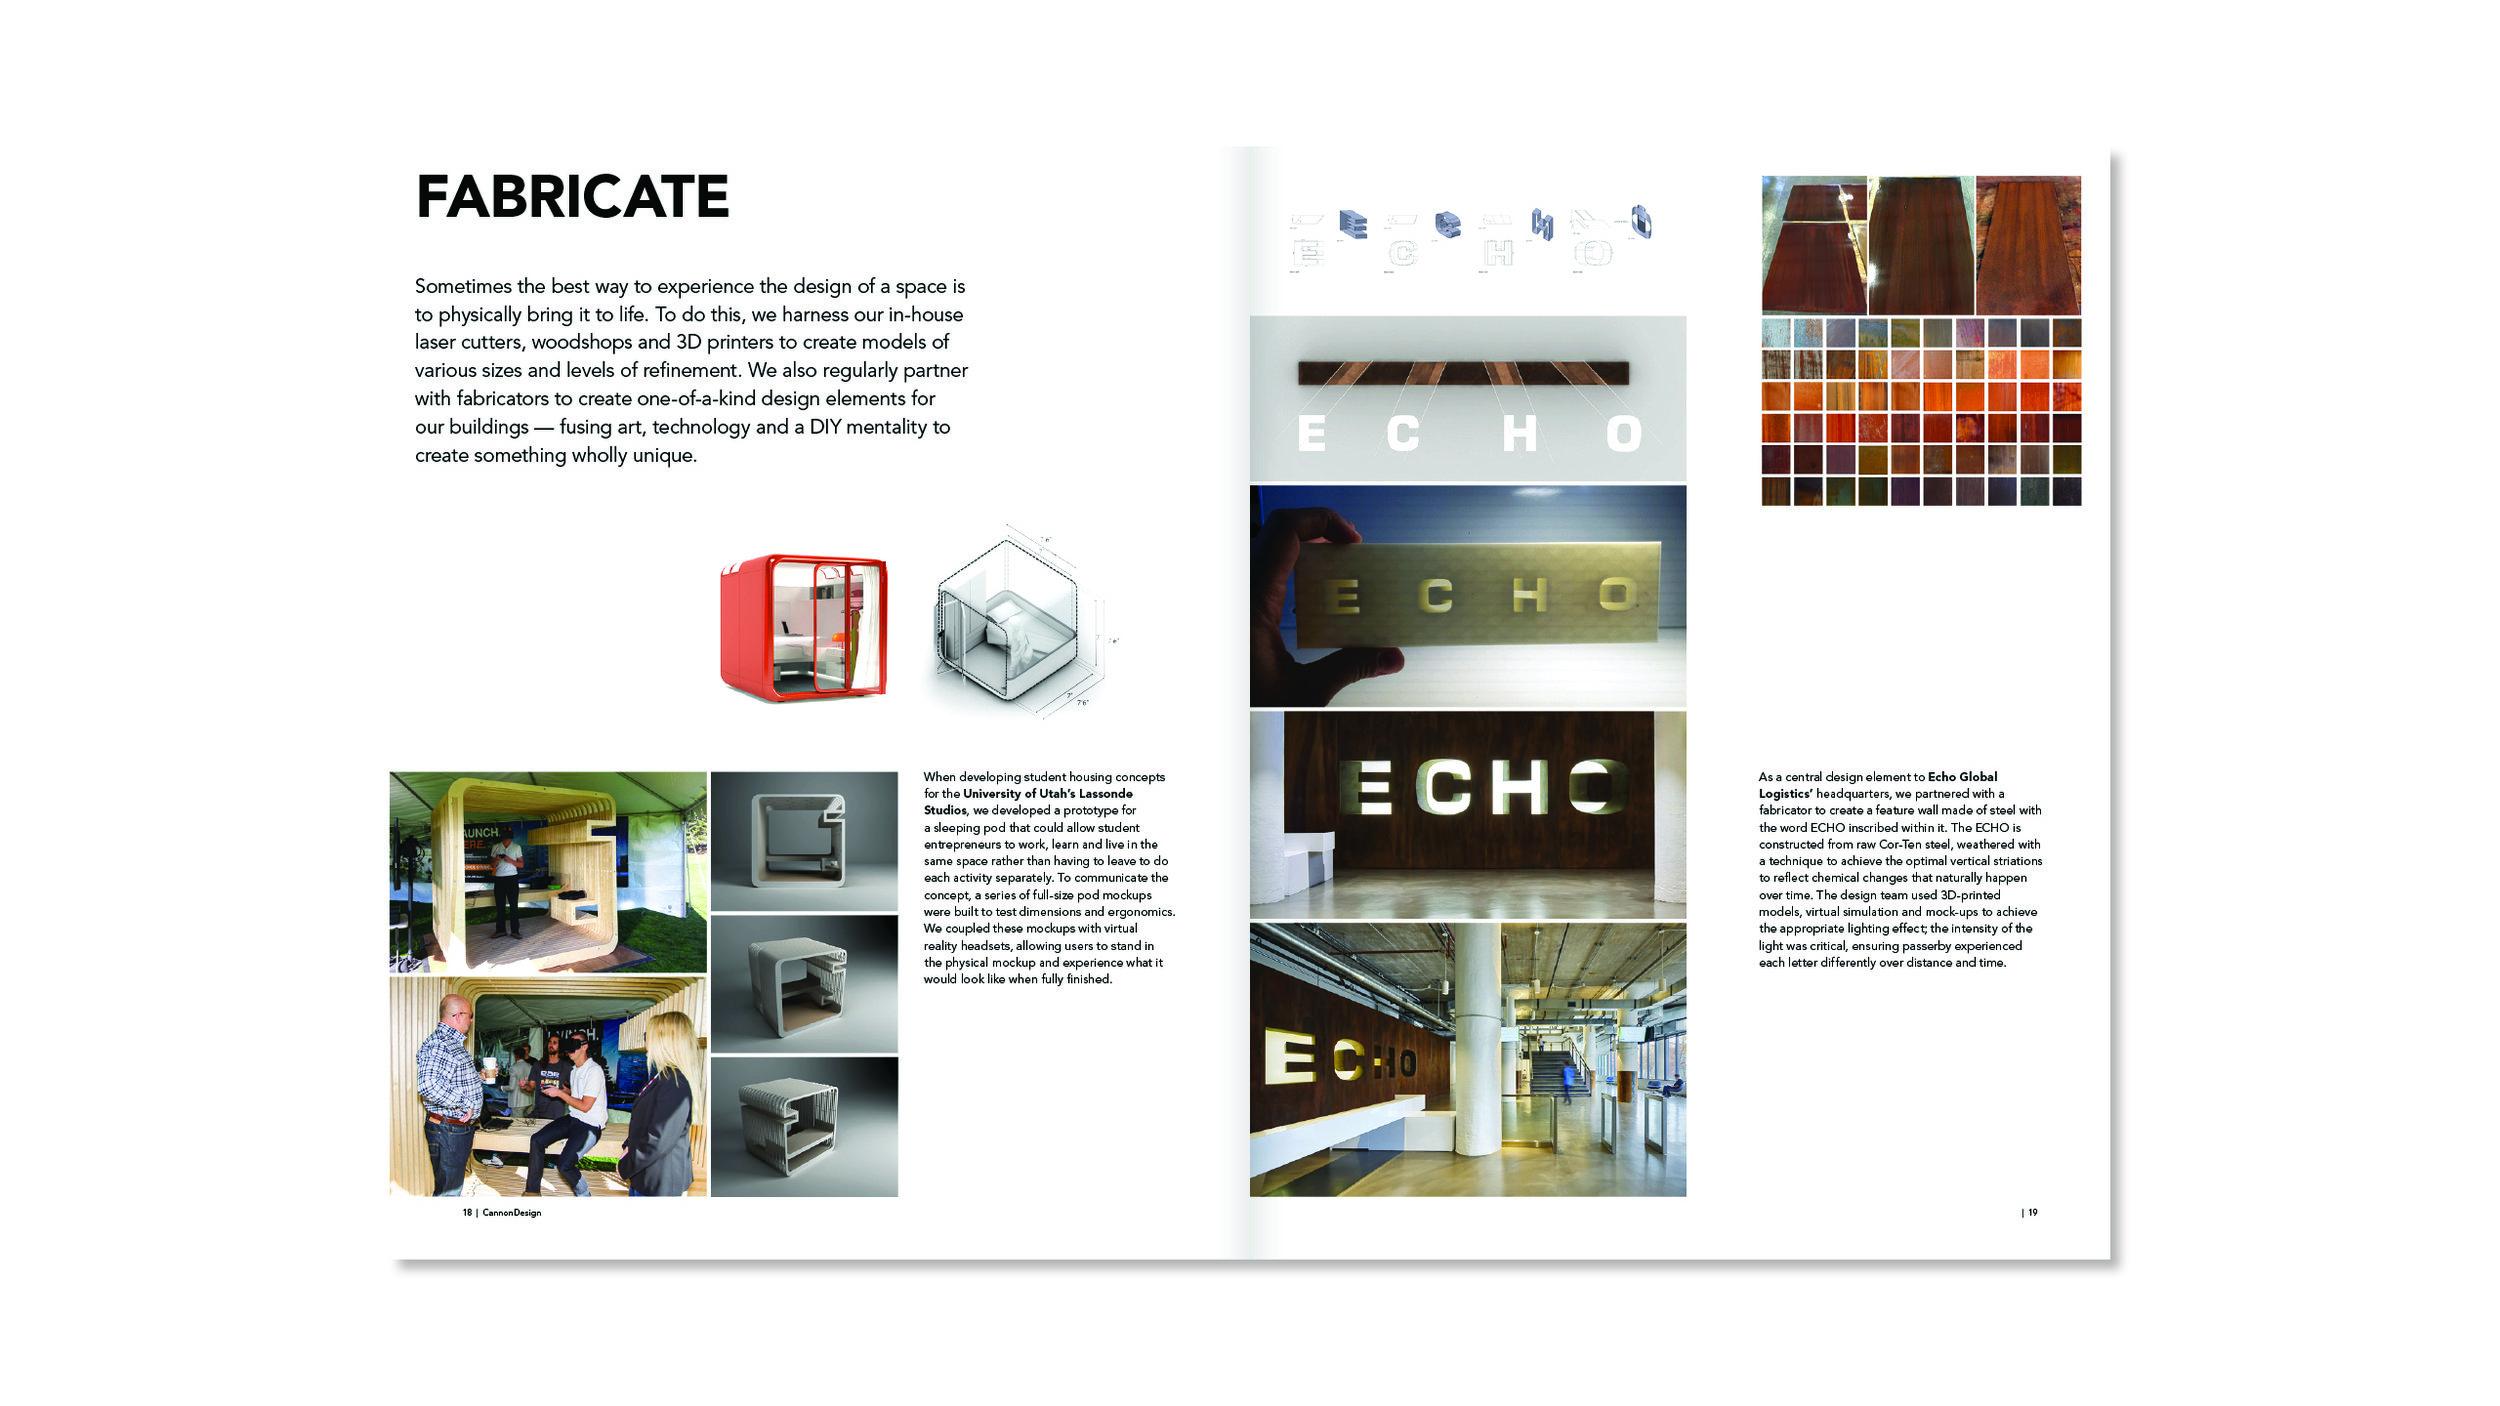 AdvancedDesignTechnology11.jpg